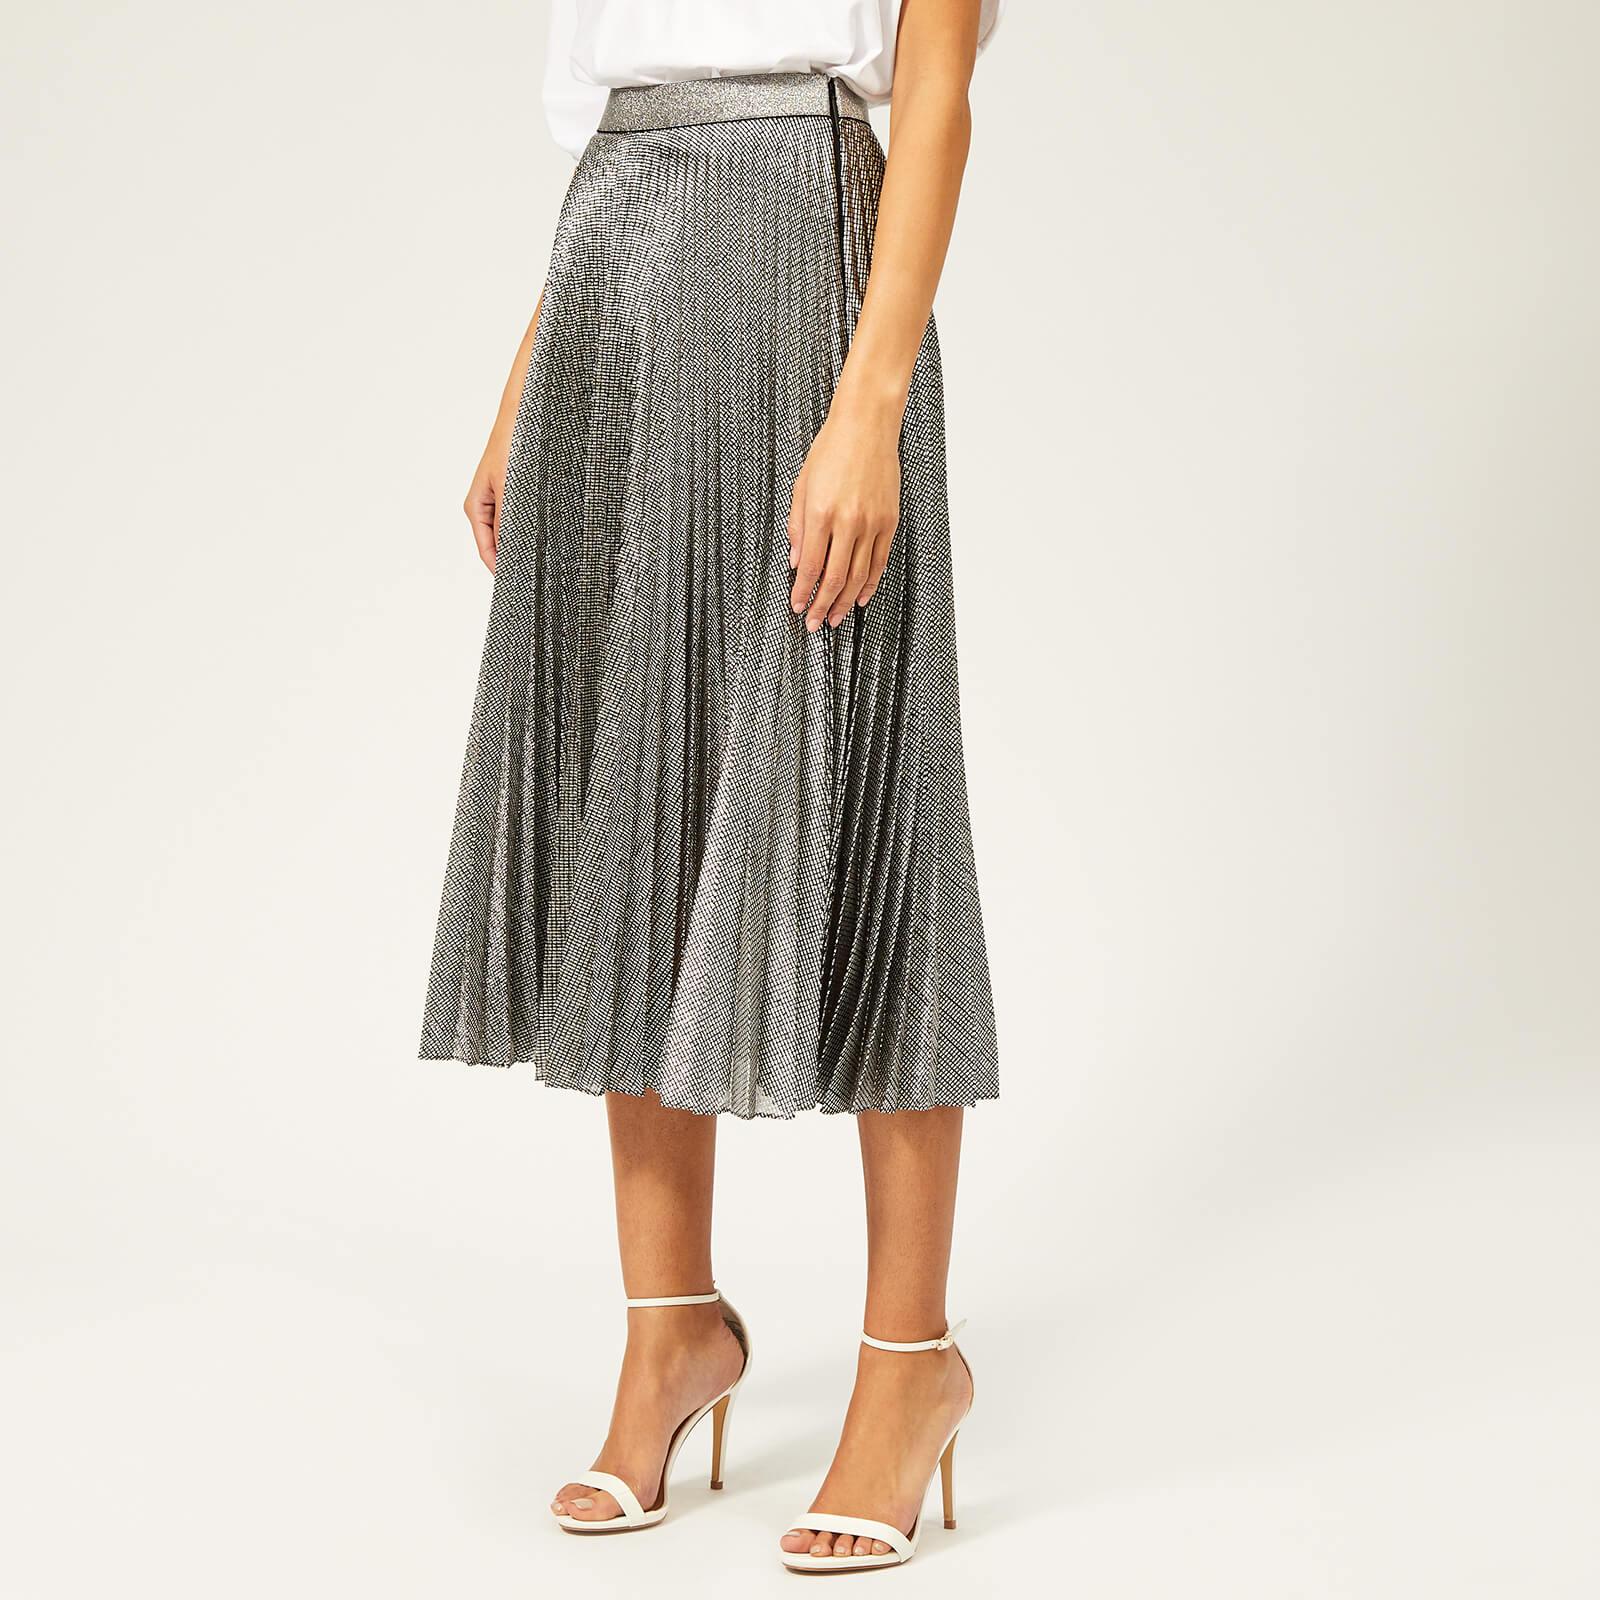 7846b45245 Christopher Kane Women's Pleated Skirt Lame Mesh - Black/Silver ...